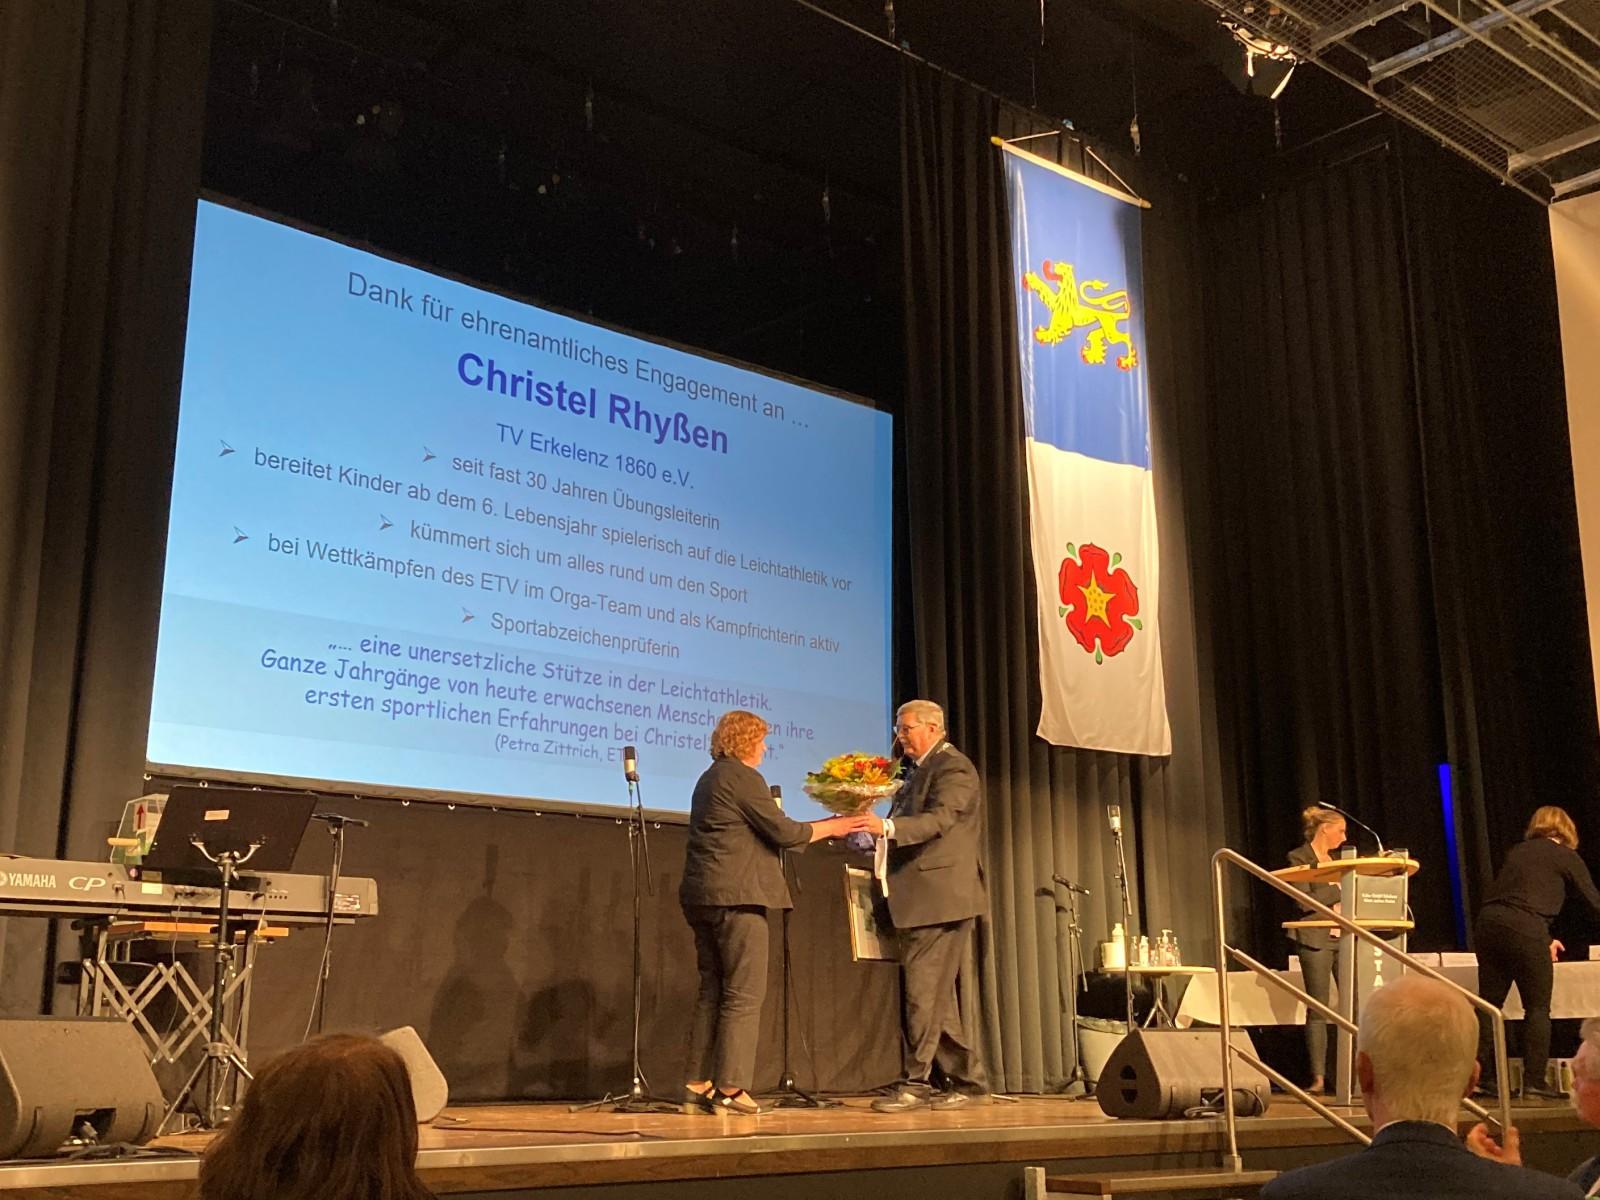 Christel Rhyßen - Dank für ehrenamtliches Engagement